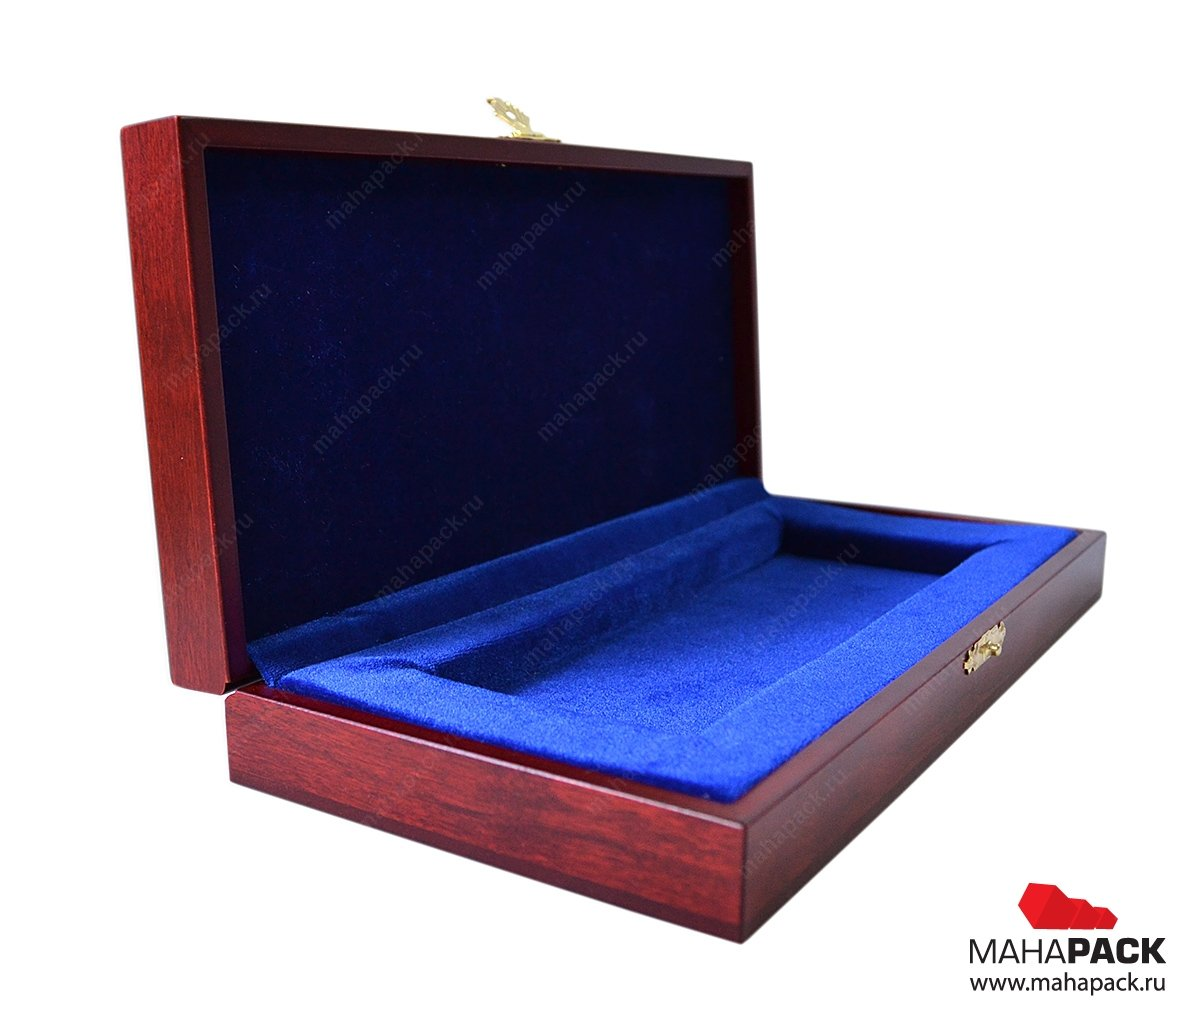 Деревянная коробка на заказ